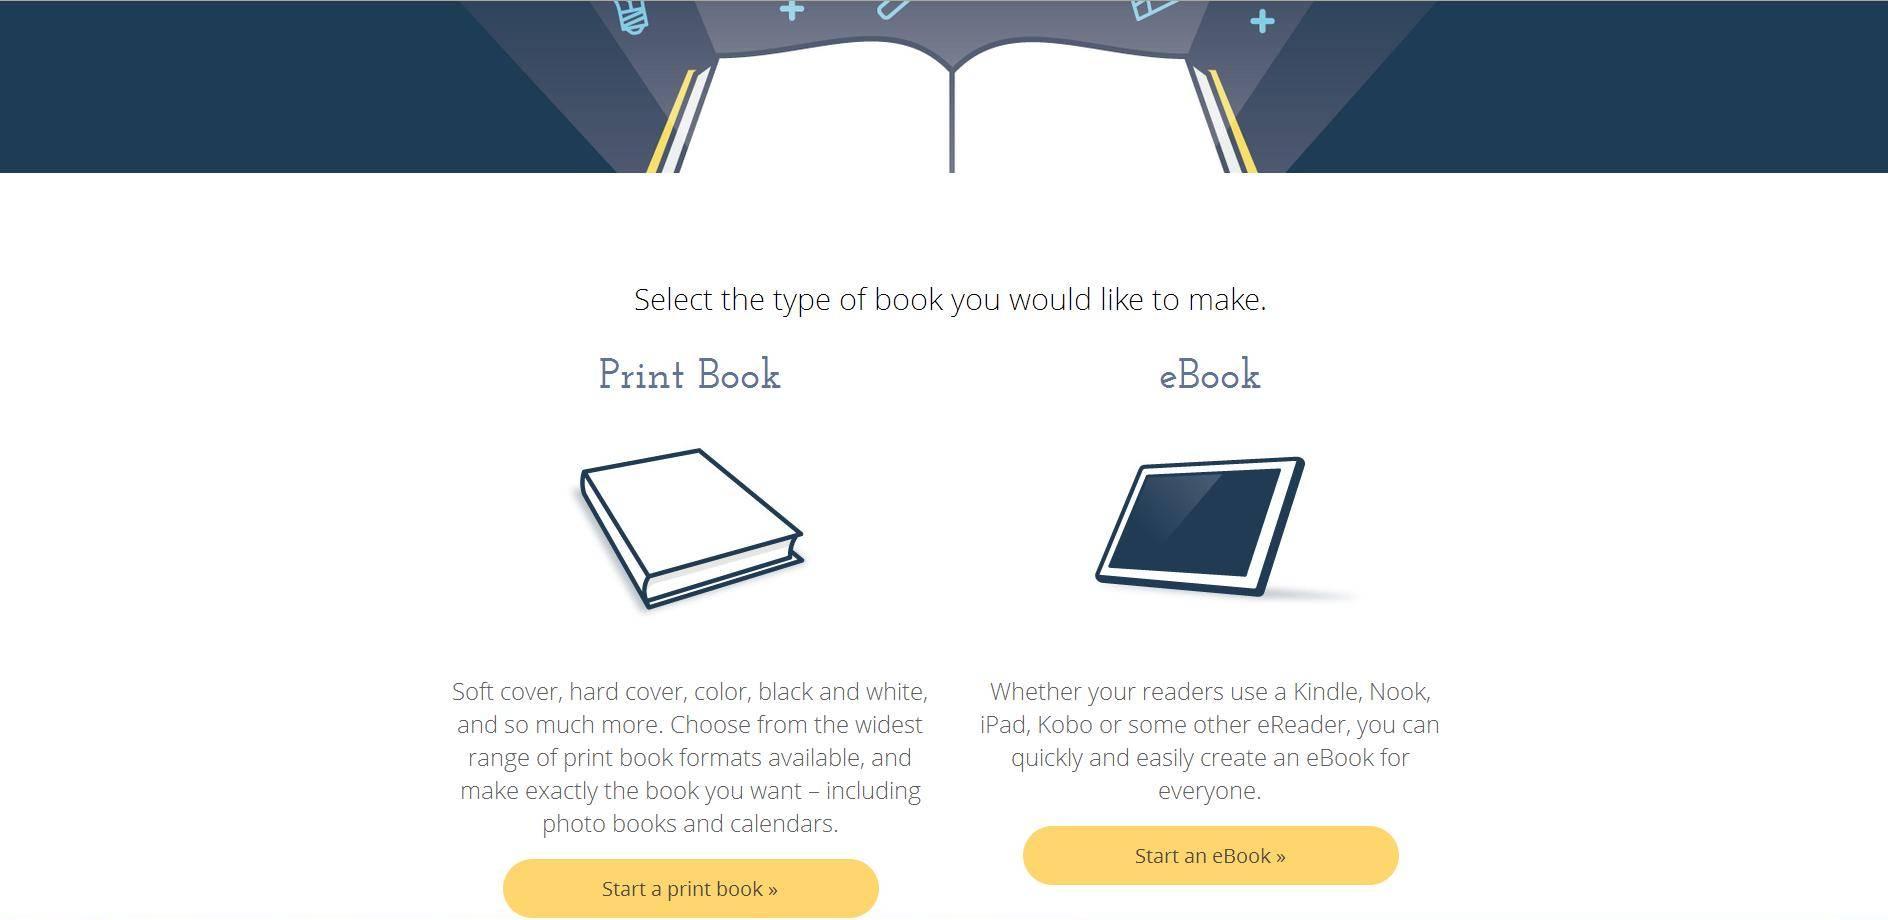 Как напечатать свою книгу? Инструкция для начинающих авторов 3